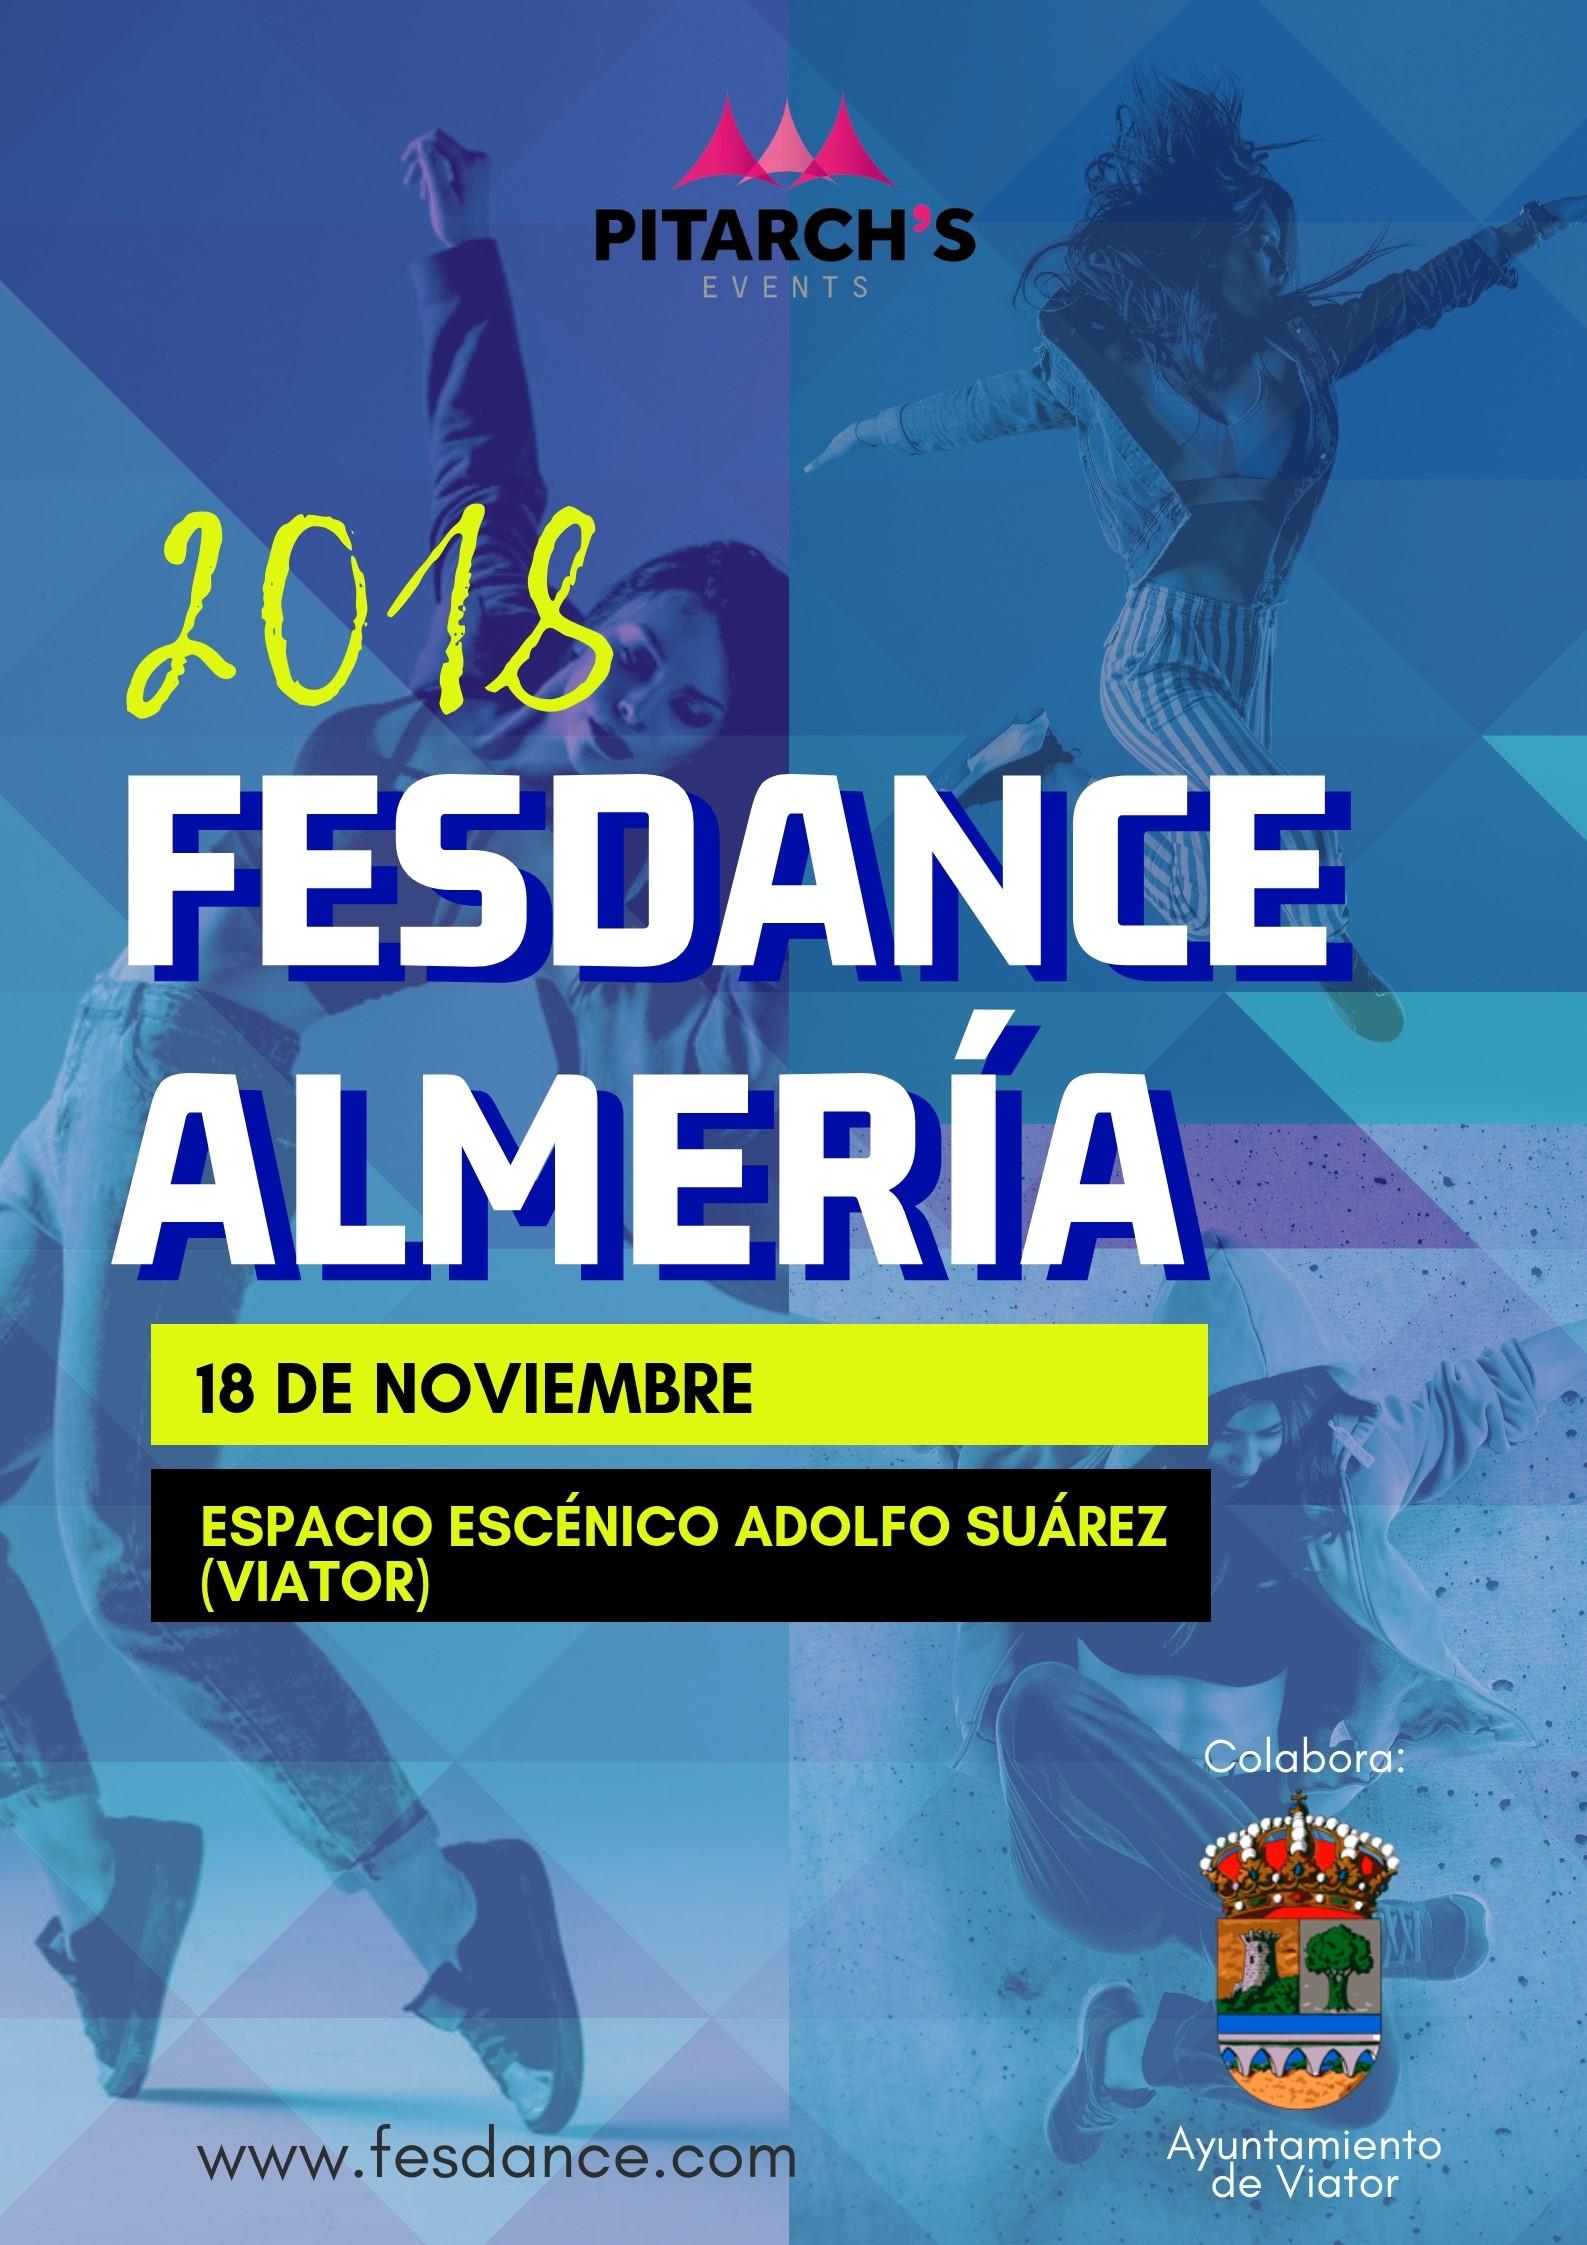 FESDANCE ALMERIA 2018